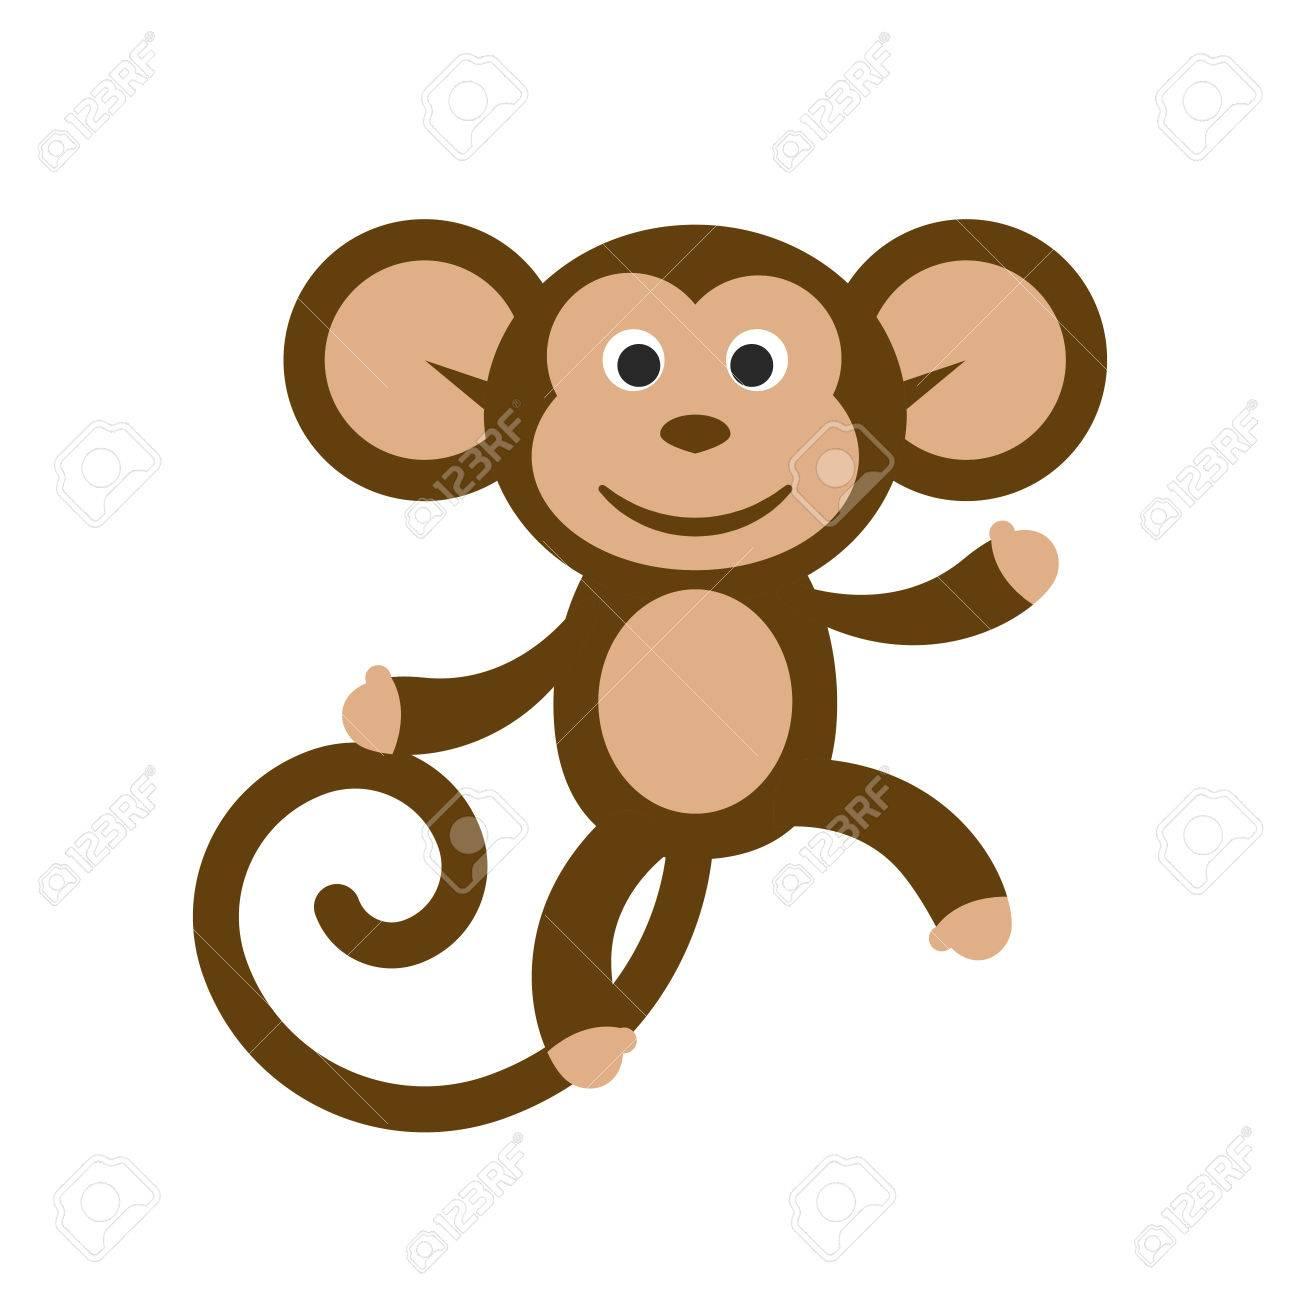 Ilustración vectorial de dibujos animados mono feliz. Diversión clipart  baile del mono..